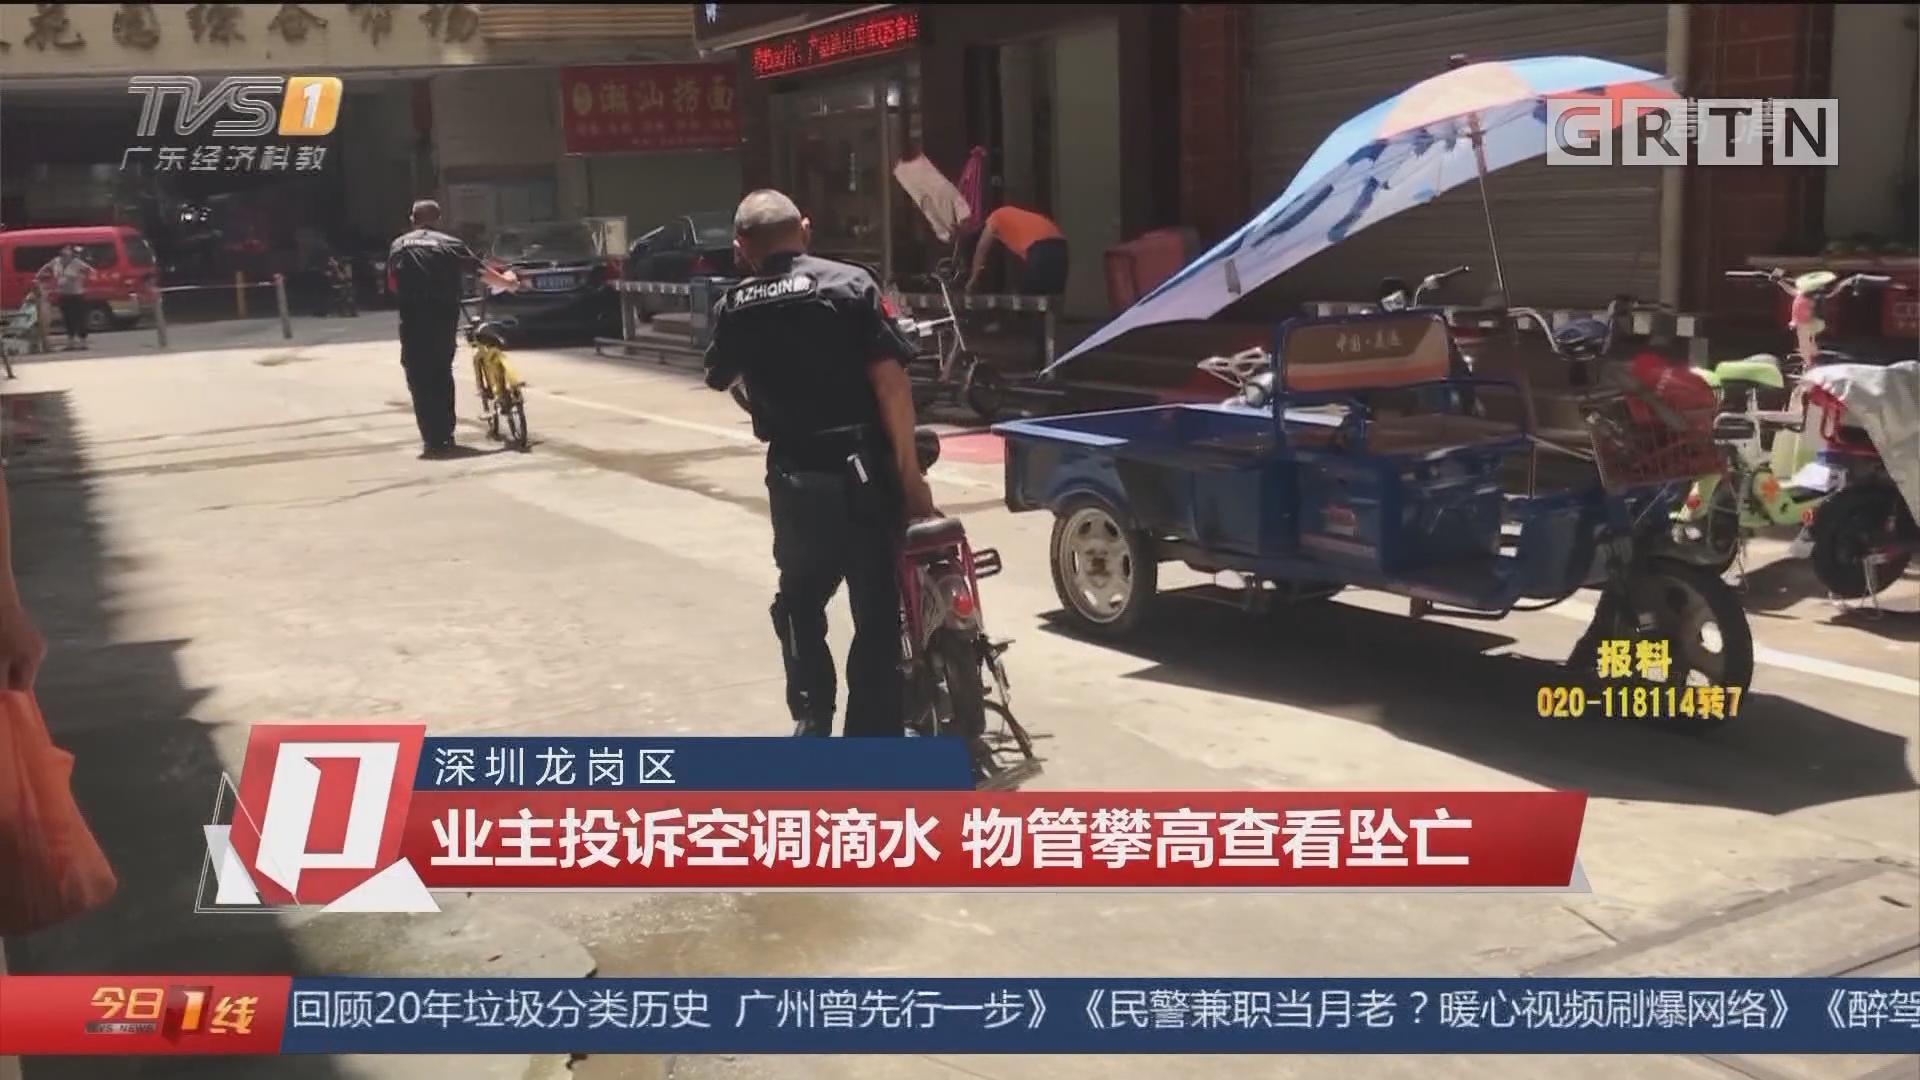 深圳龙岗区:业主投诉空调滴水 物管攀高查看坠亡